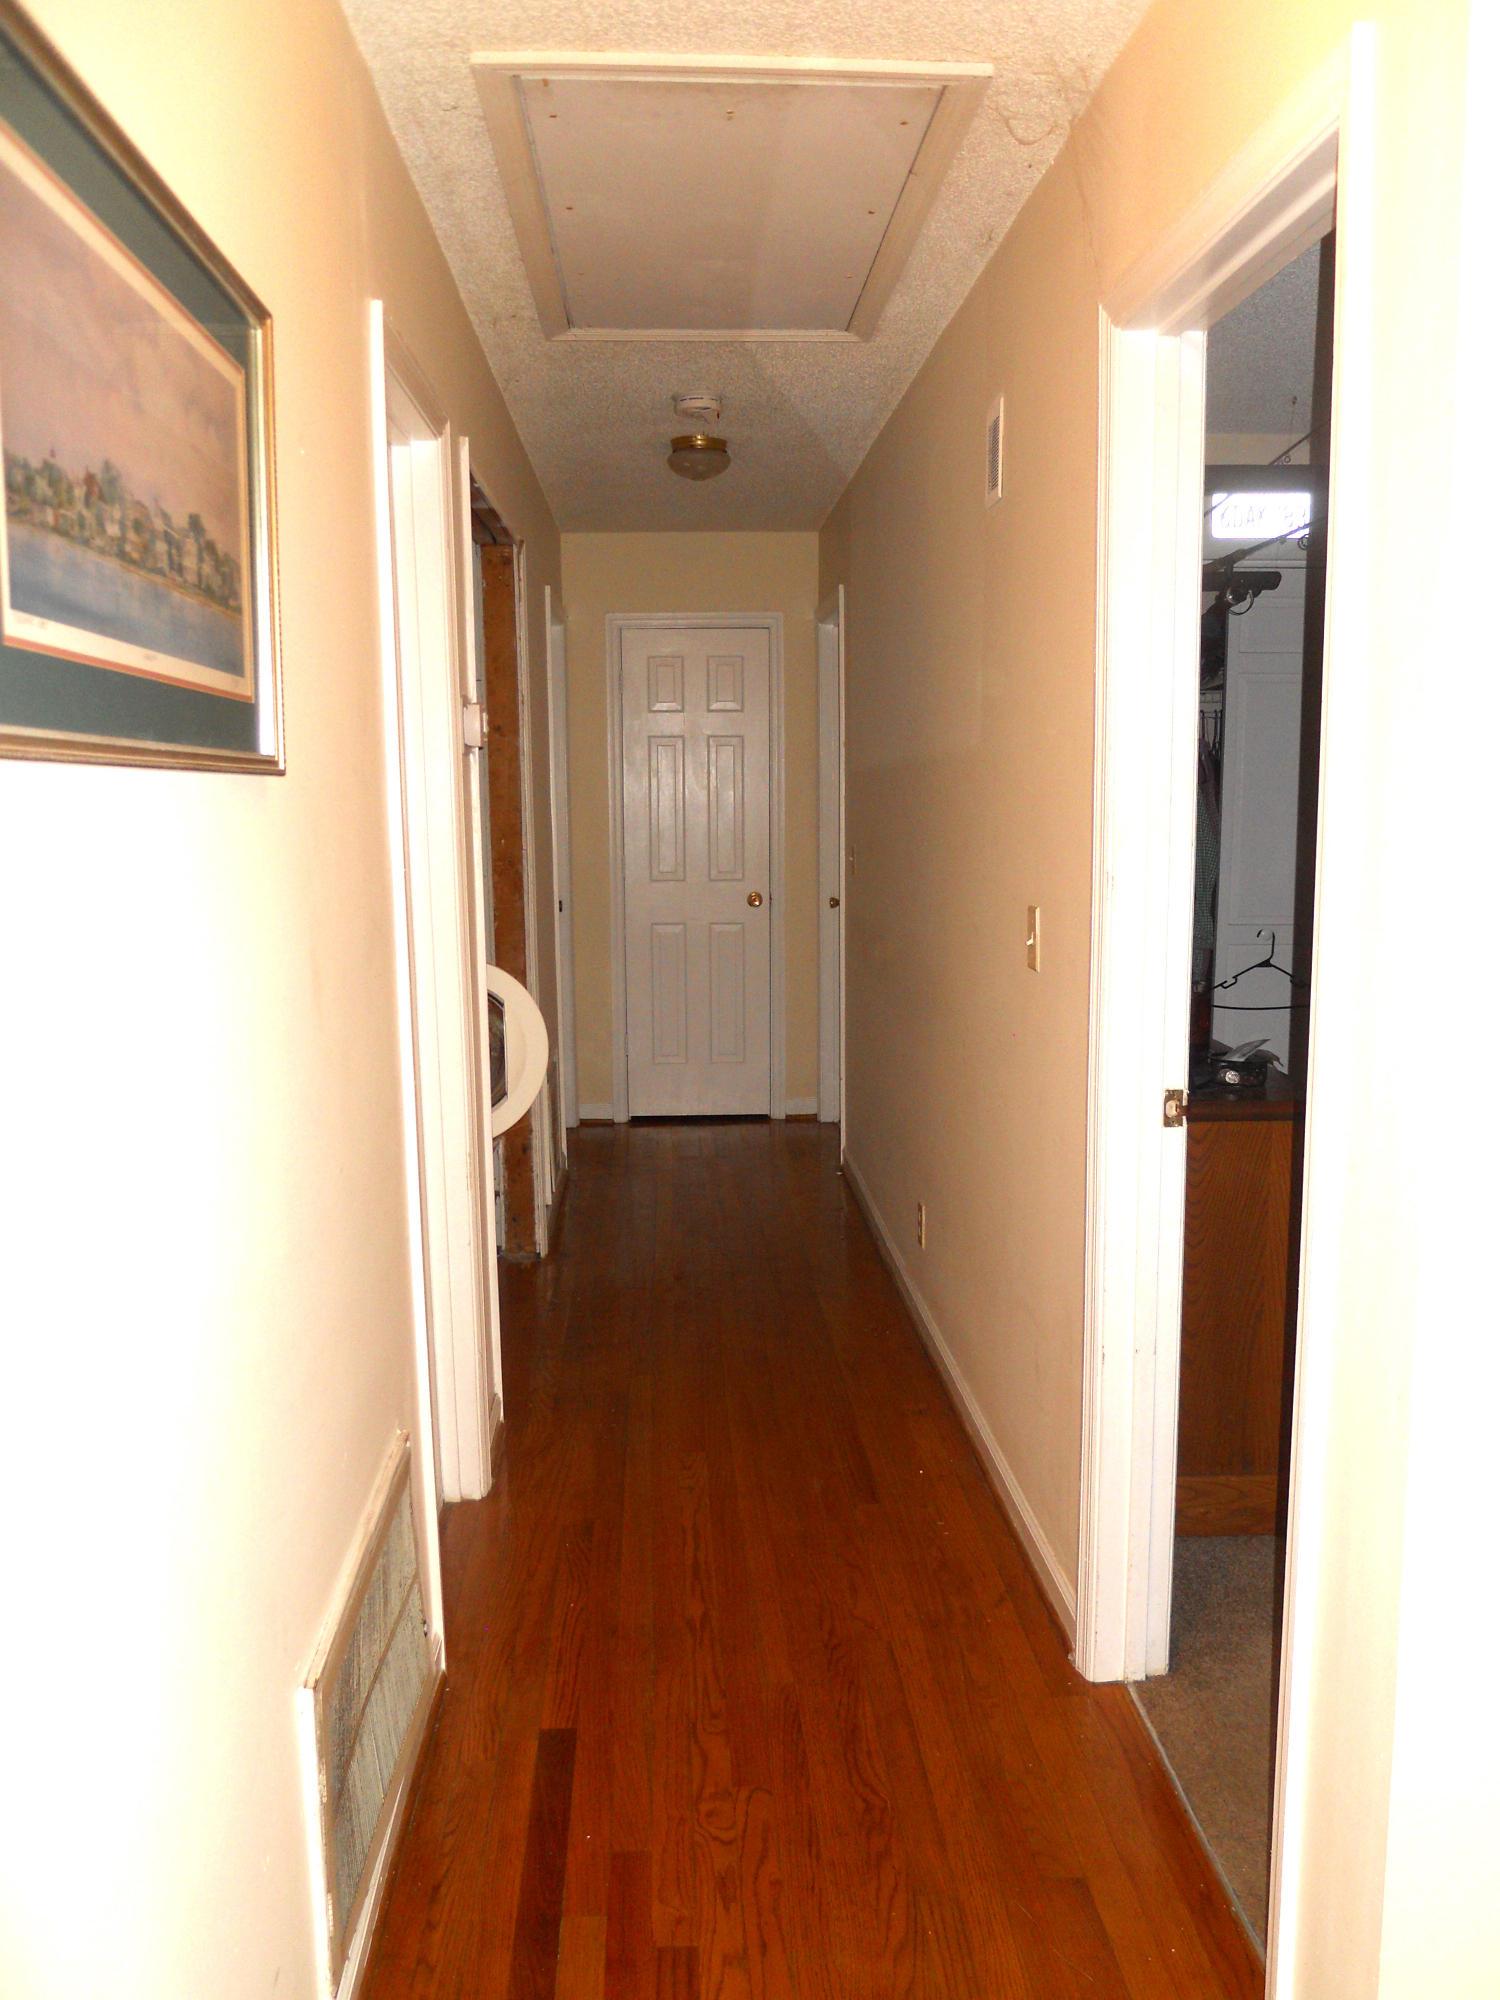 Marshall Reservation Homes For Sale - 2917 Jasper, Sullivans Island, SC - 7